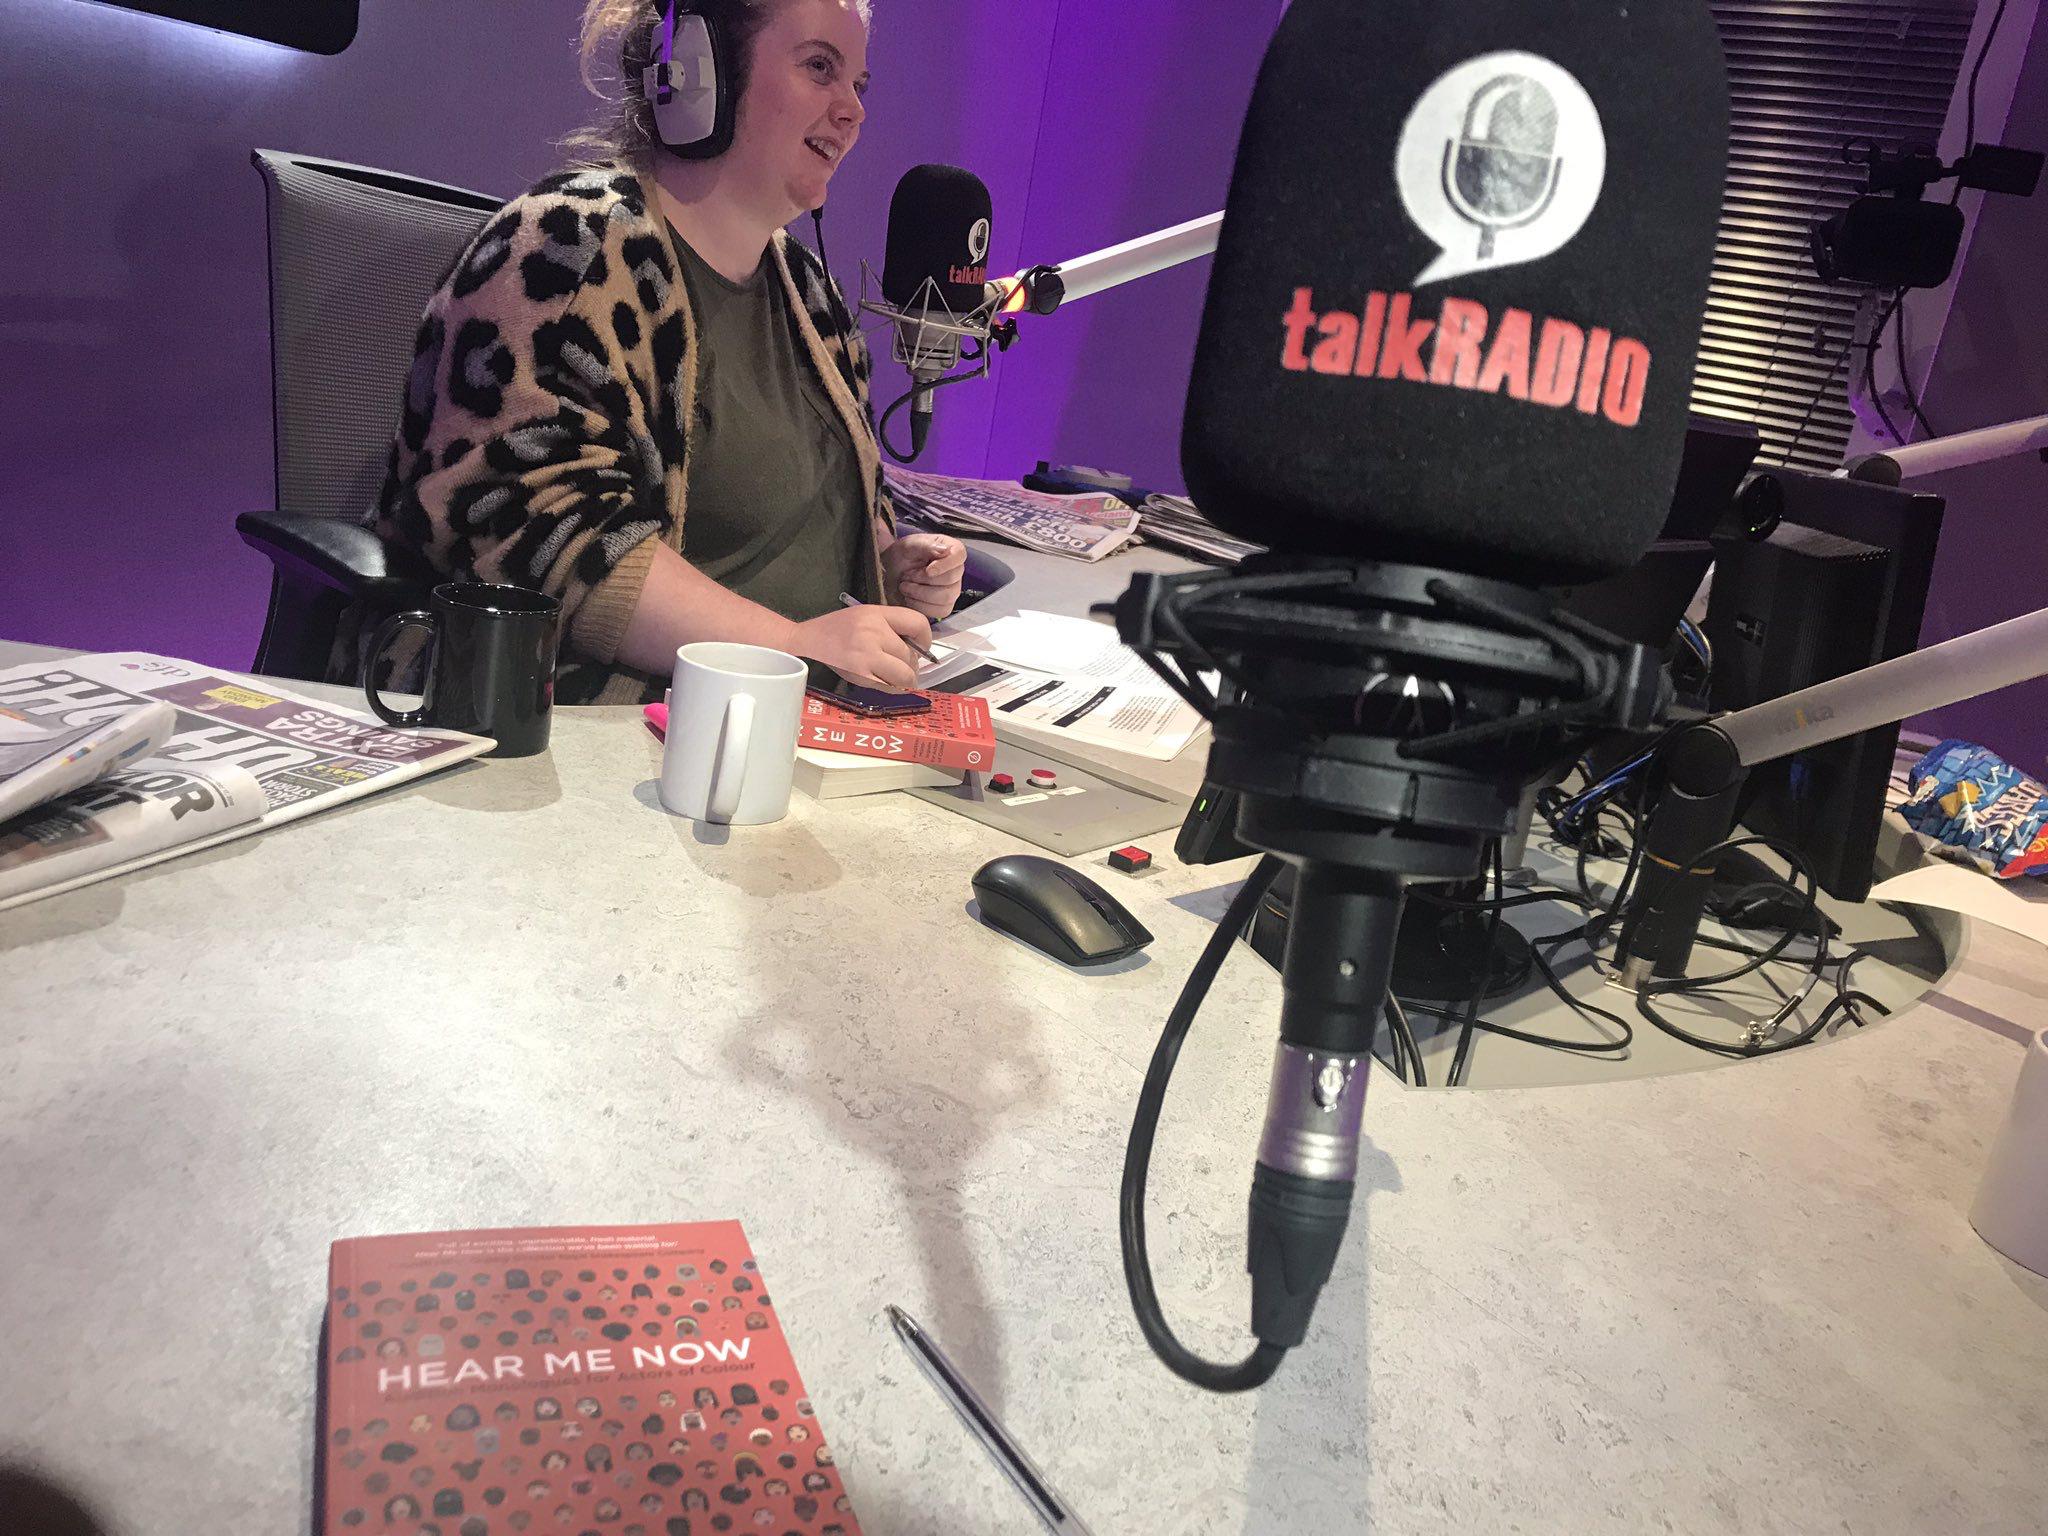 Interview on Talk Radio's Badass Women's Hour, 2018